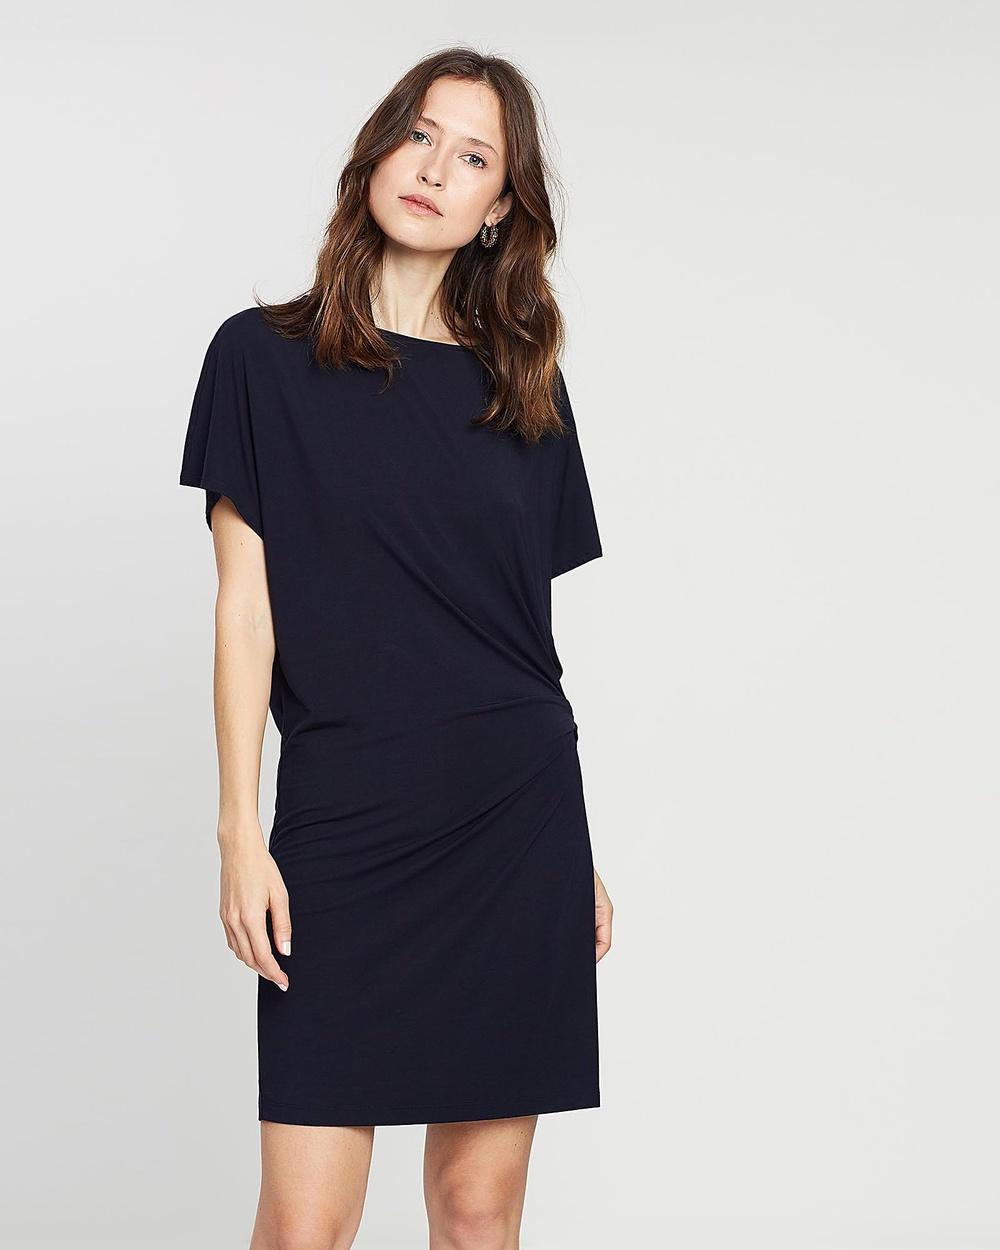 SABA Ink Nora Tie Dress